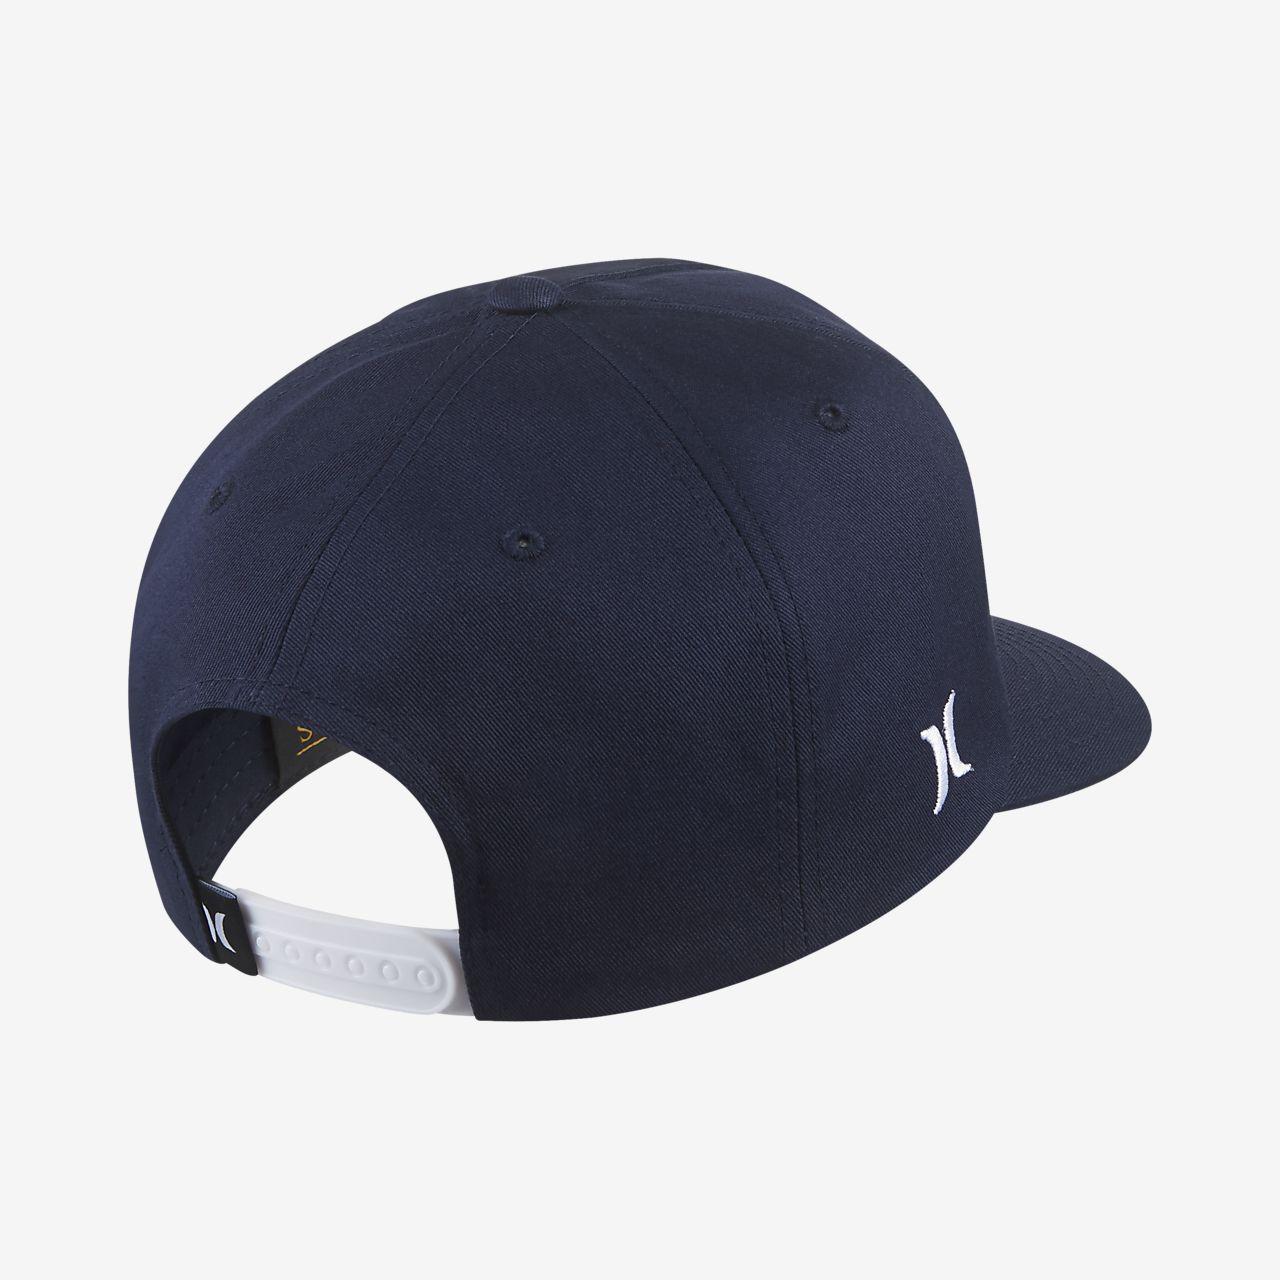 7efbb414478 Hurley France National Team Men s Adjustable Hat. Nike.com ZA